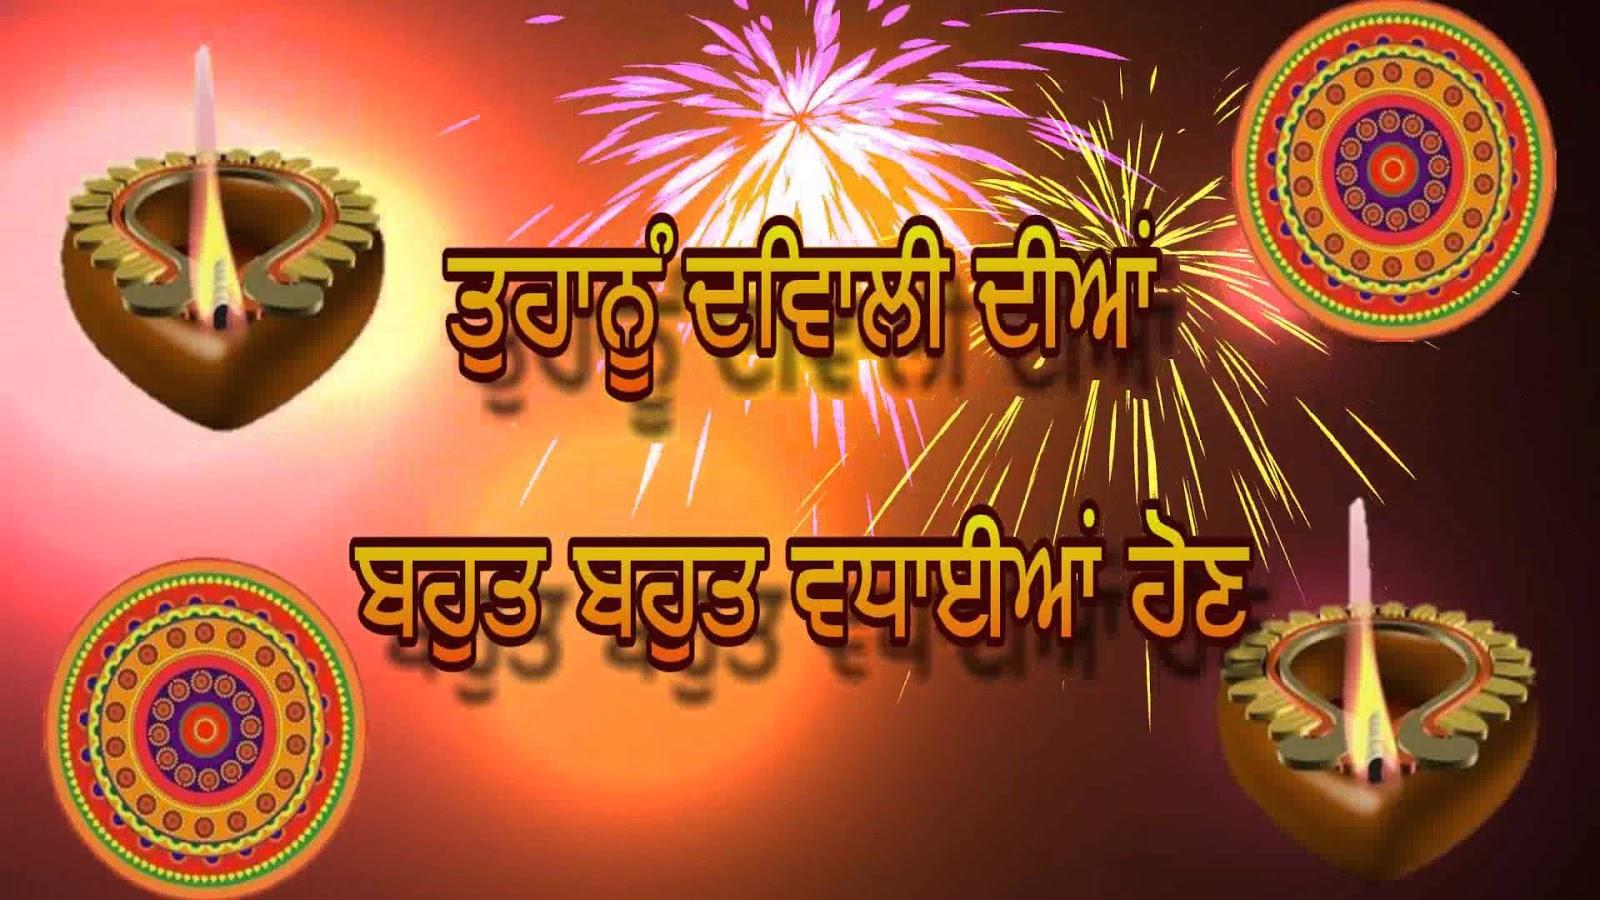 Happy Diwali Sms 2017 Diwali Msg 2017 Diwali Wallpaper Diwali